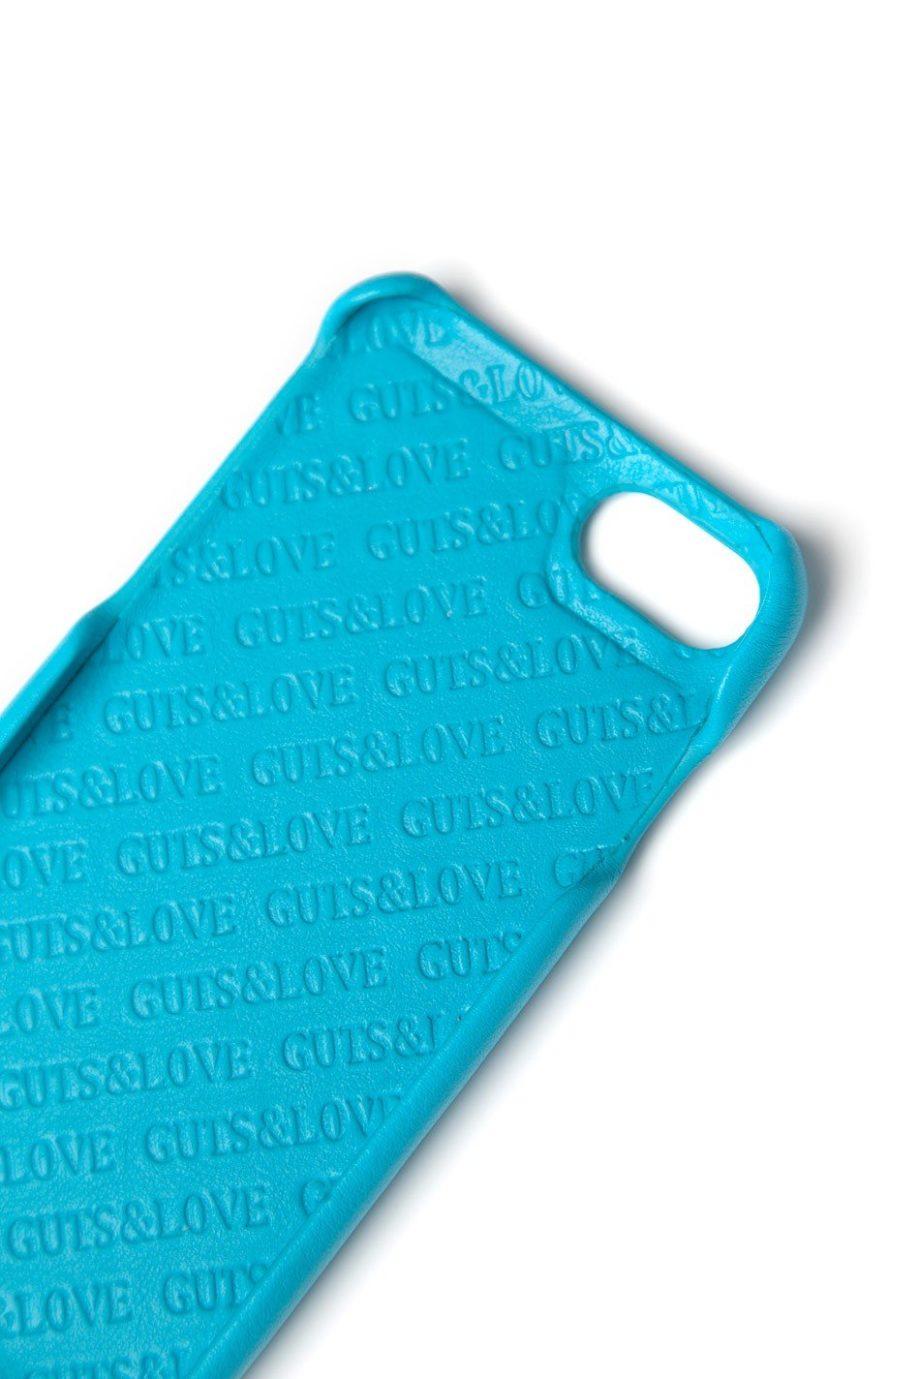 G&L Case iPhone 6/7/8 ACQUA